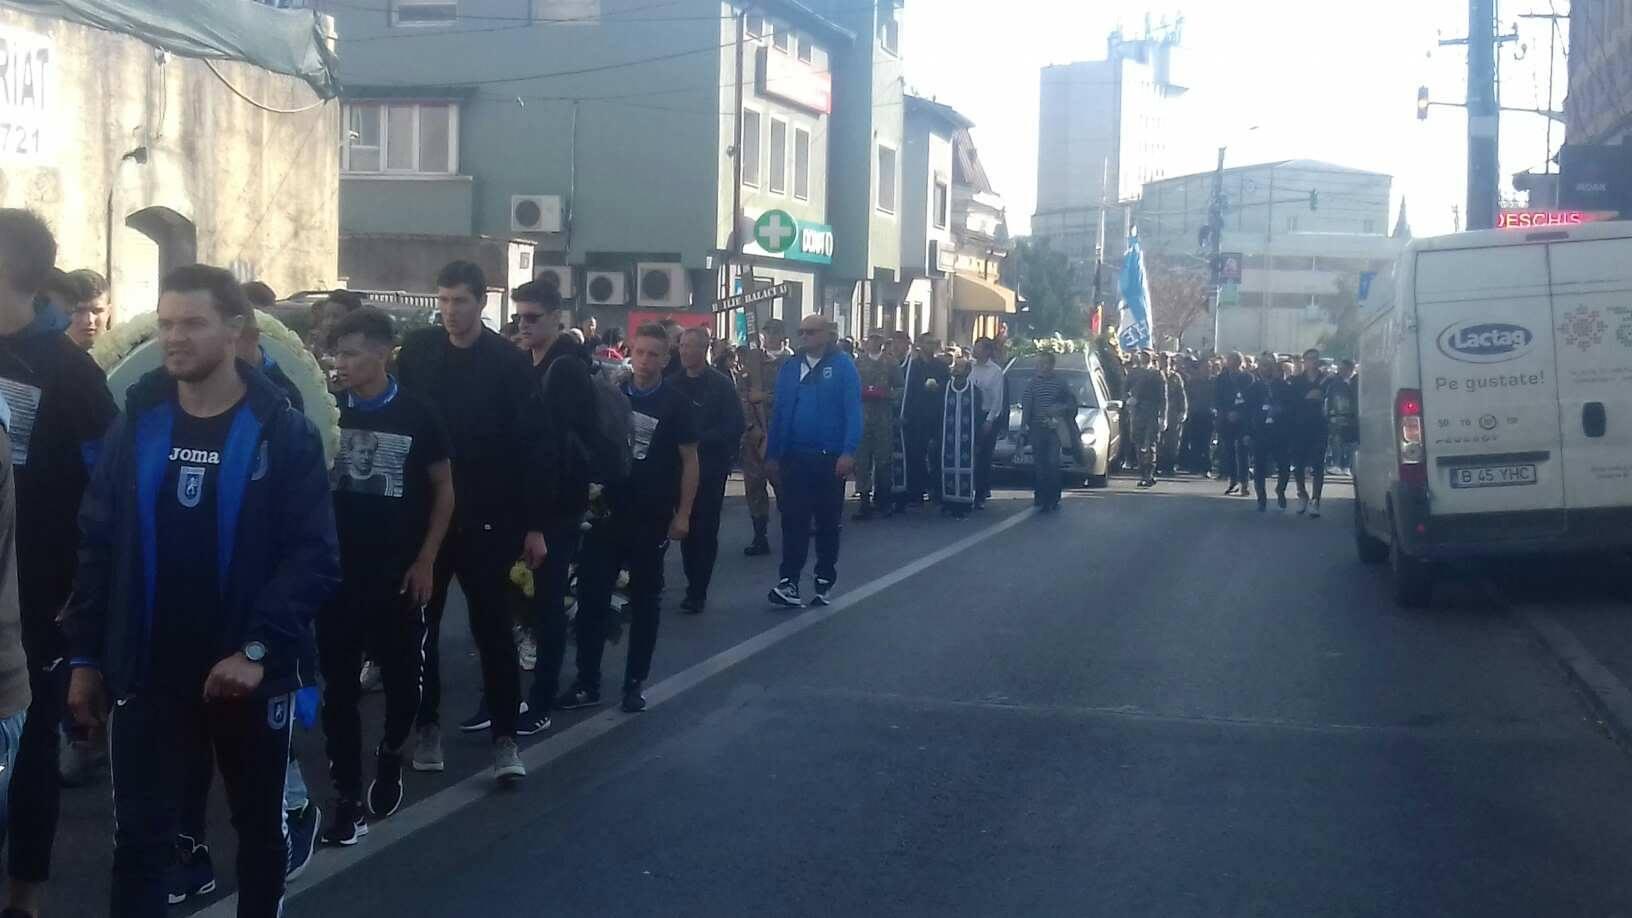 Trafic pe străzile Craiovei din cauza numărului mare de oameni veniți la căpătâiul lui Ilie Balaci